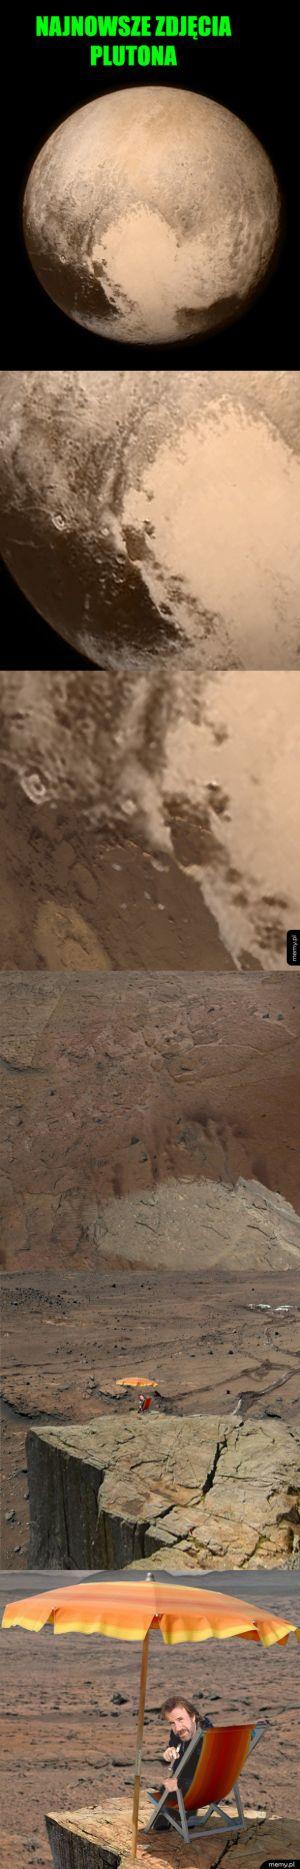 NASA opublikowała najnowsze zdjęcia